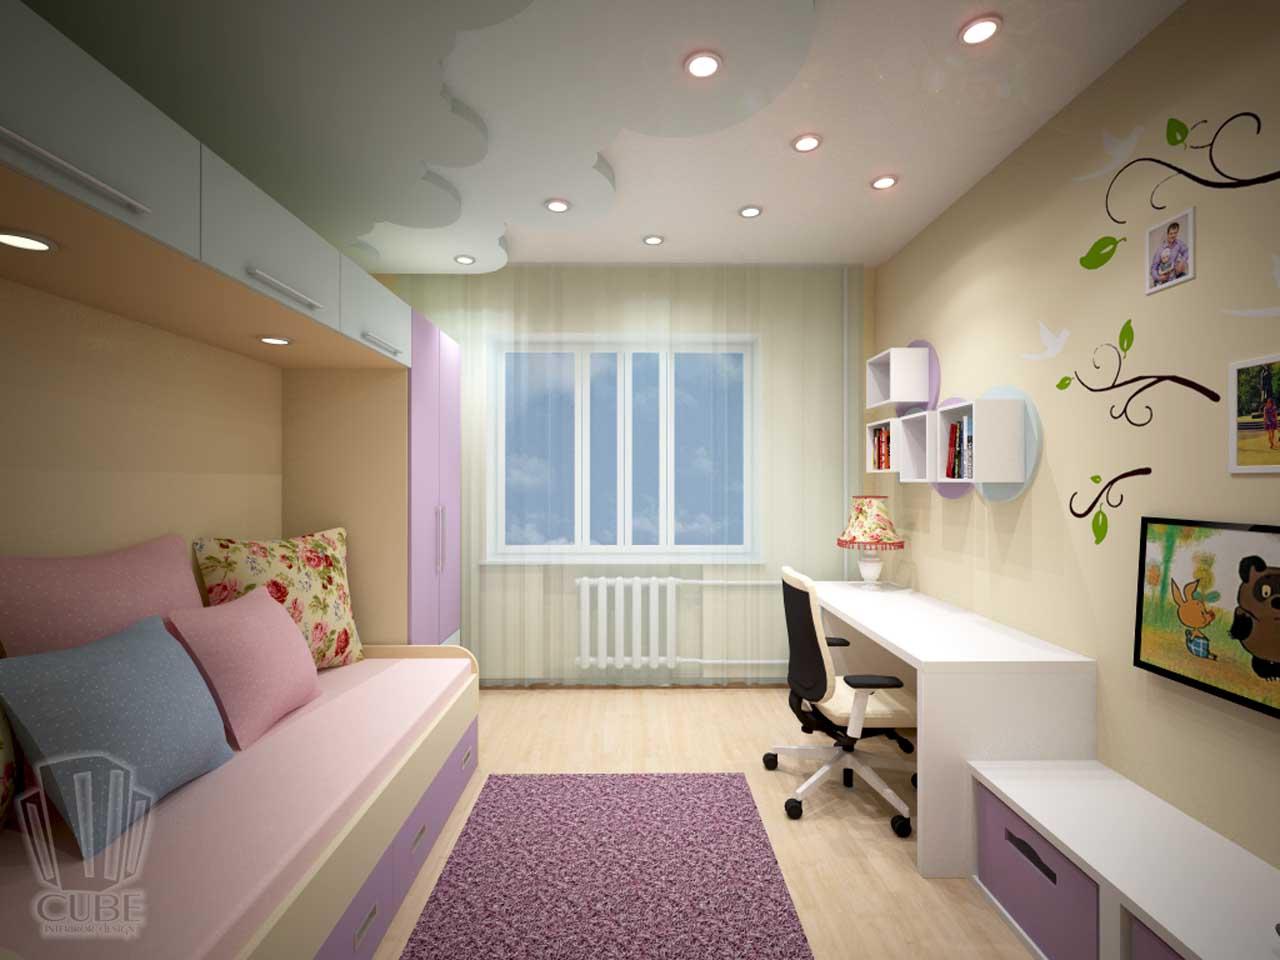 Дизайн-проект интерьера. Тюмень ул. Широтная д.158. Квартира для молодой семьи (3)